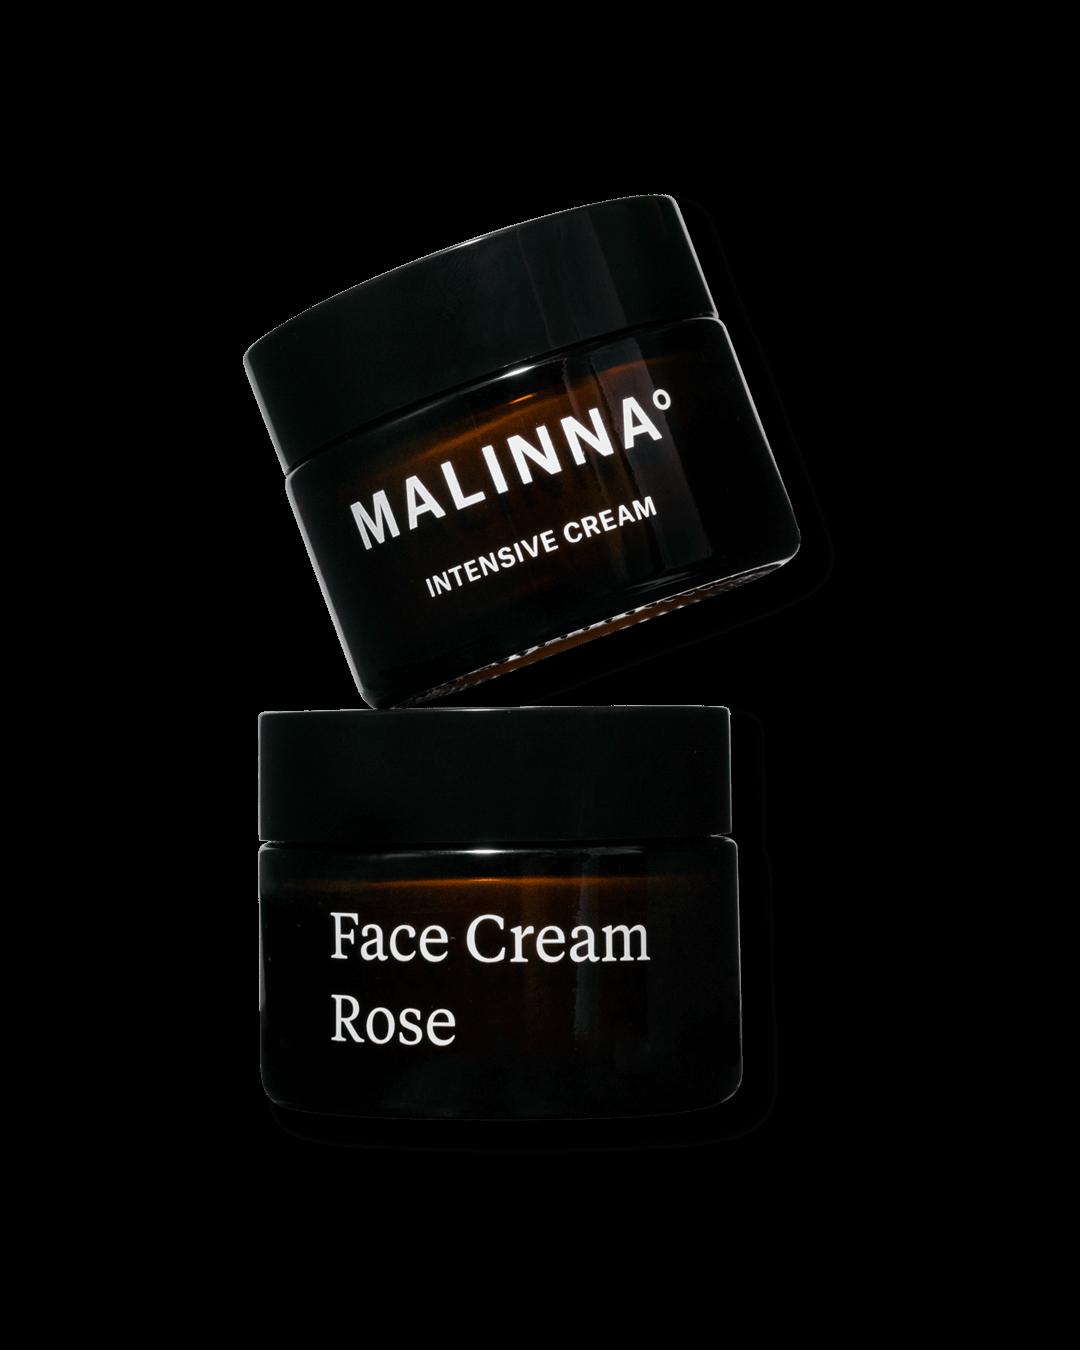 Face Cream Rose